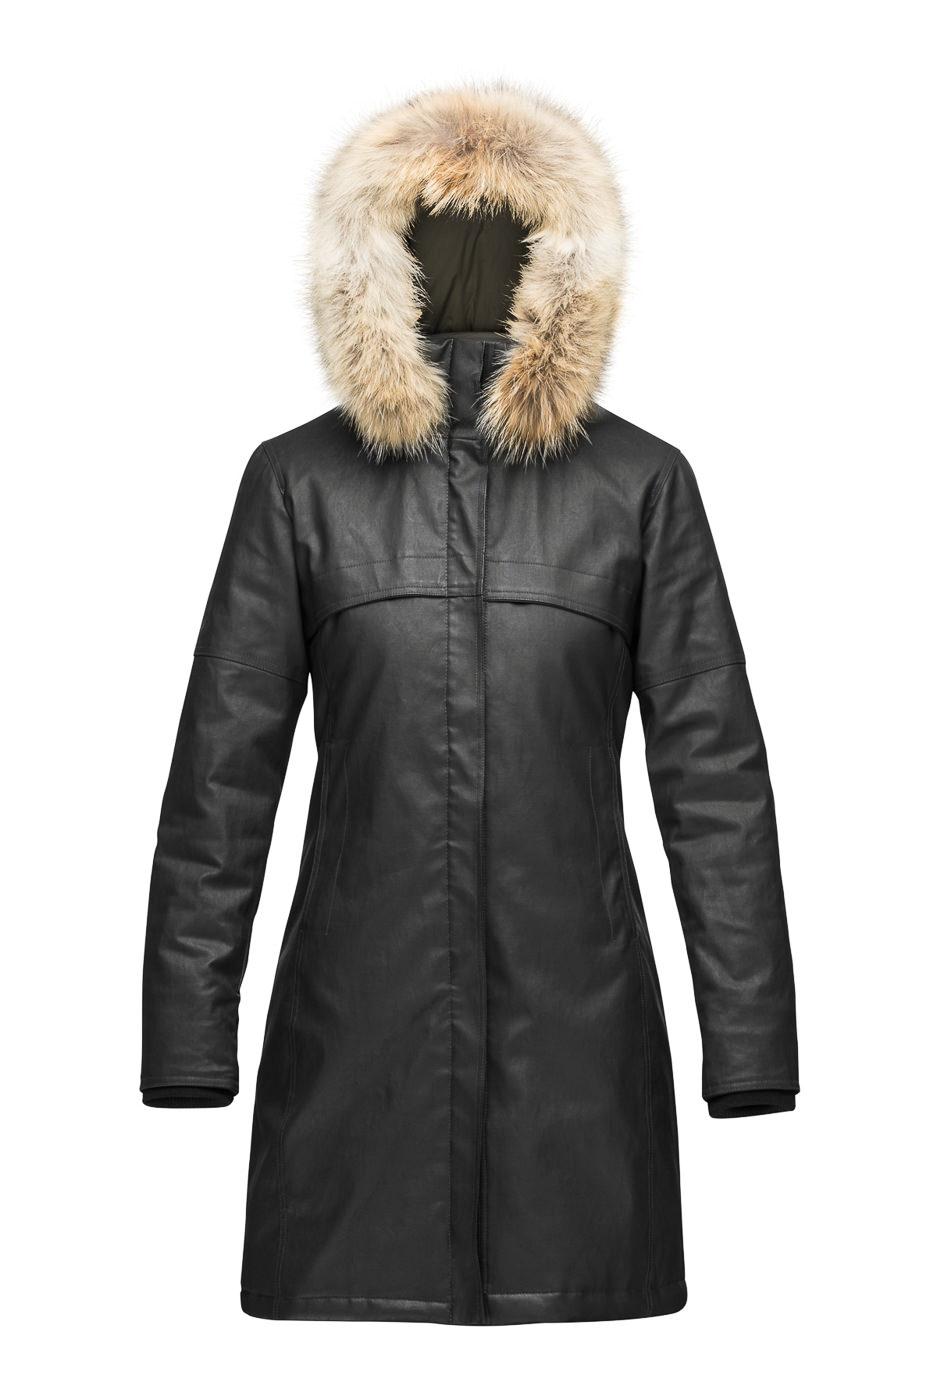 Manteau long cuir noir avec fourrure m0851